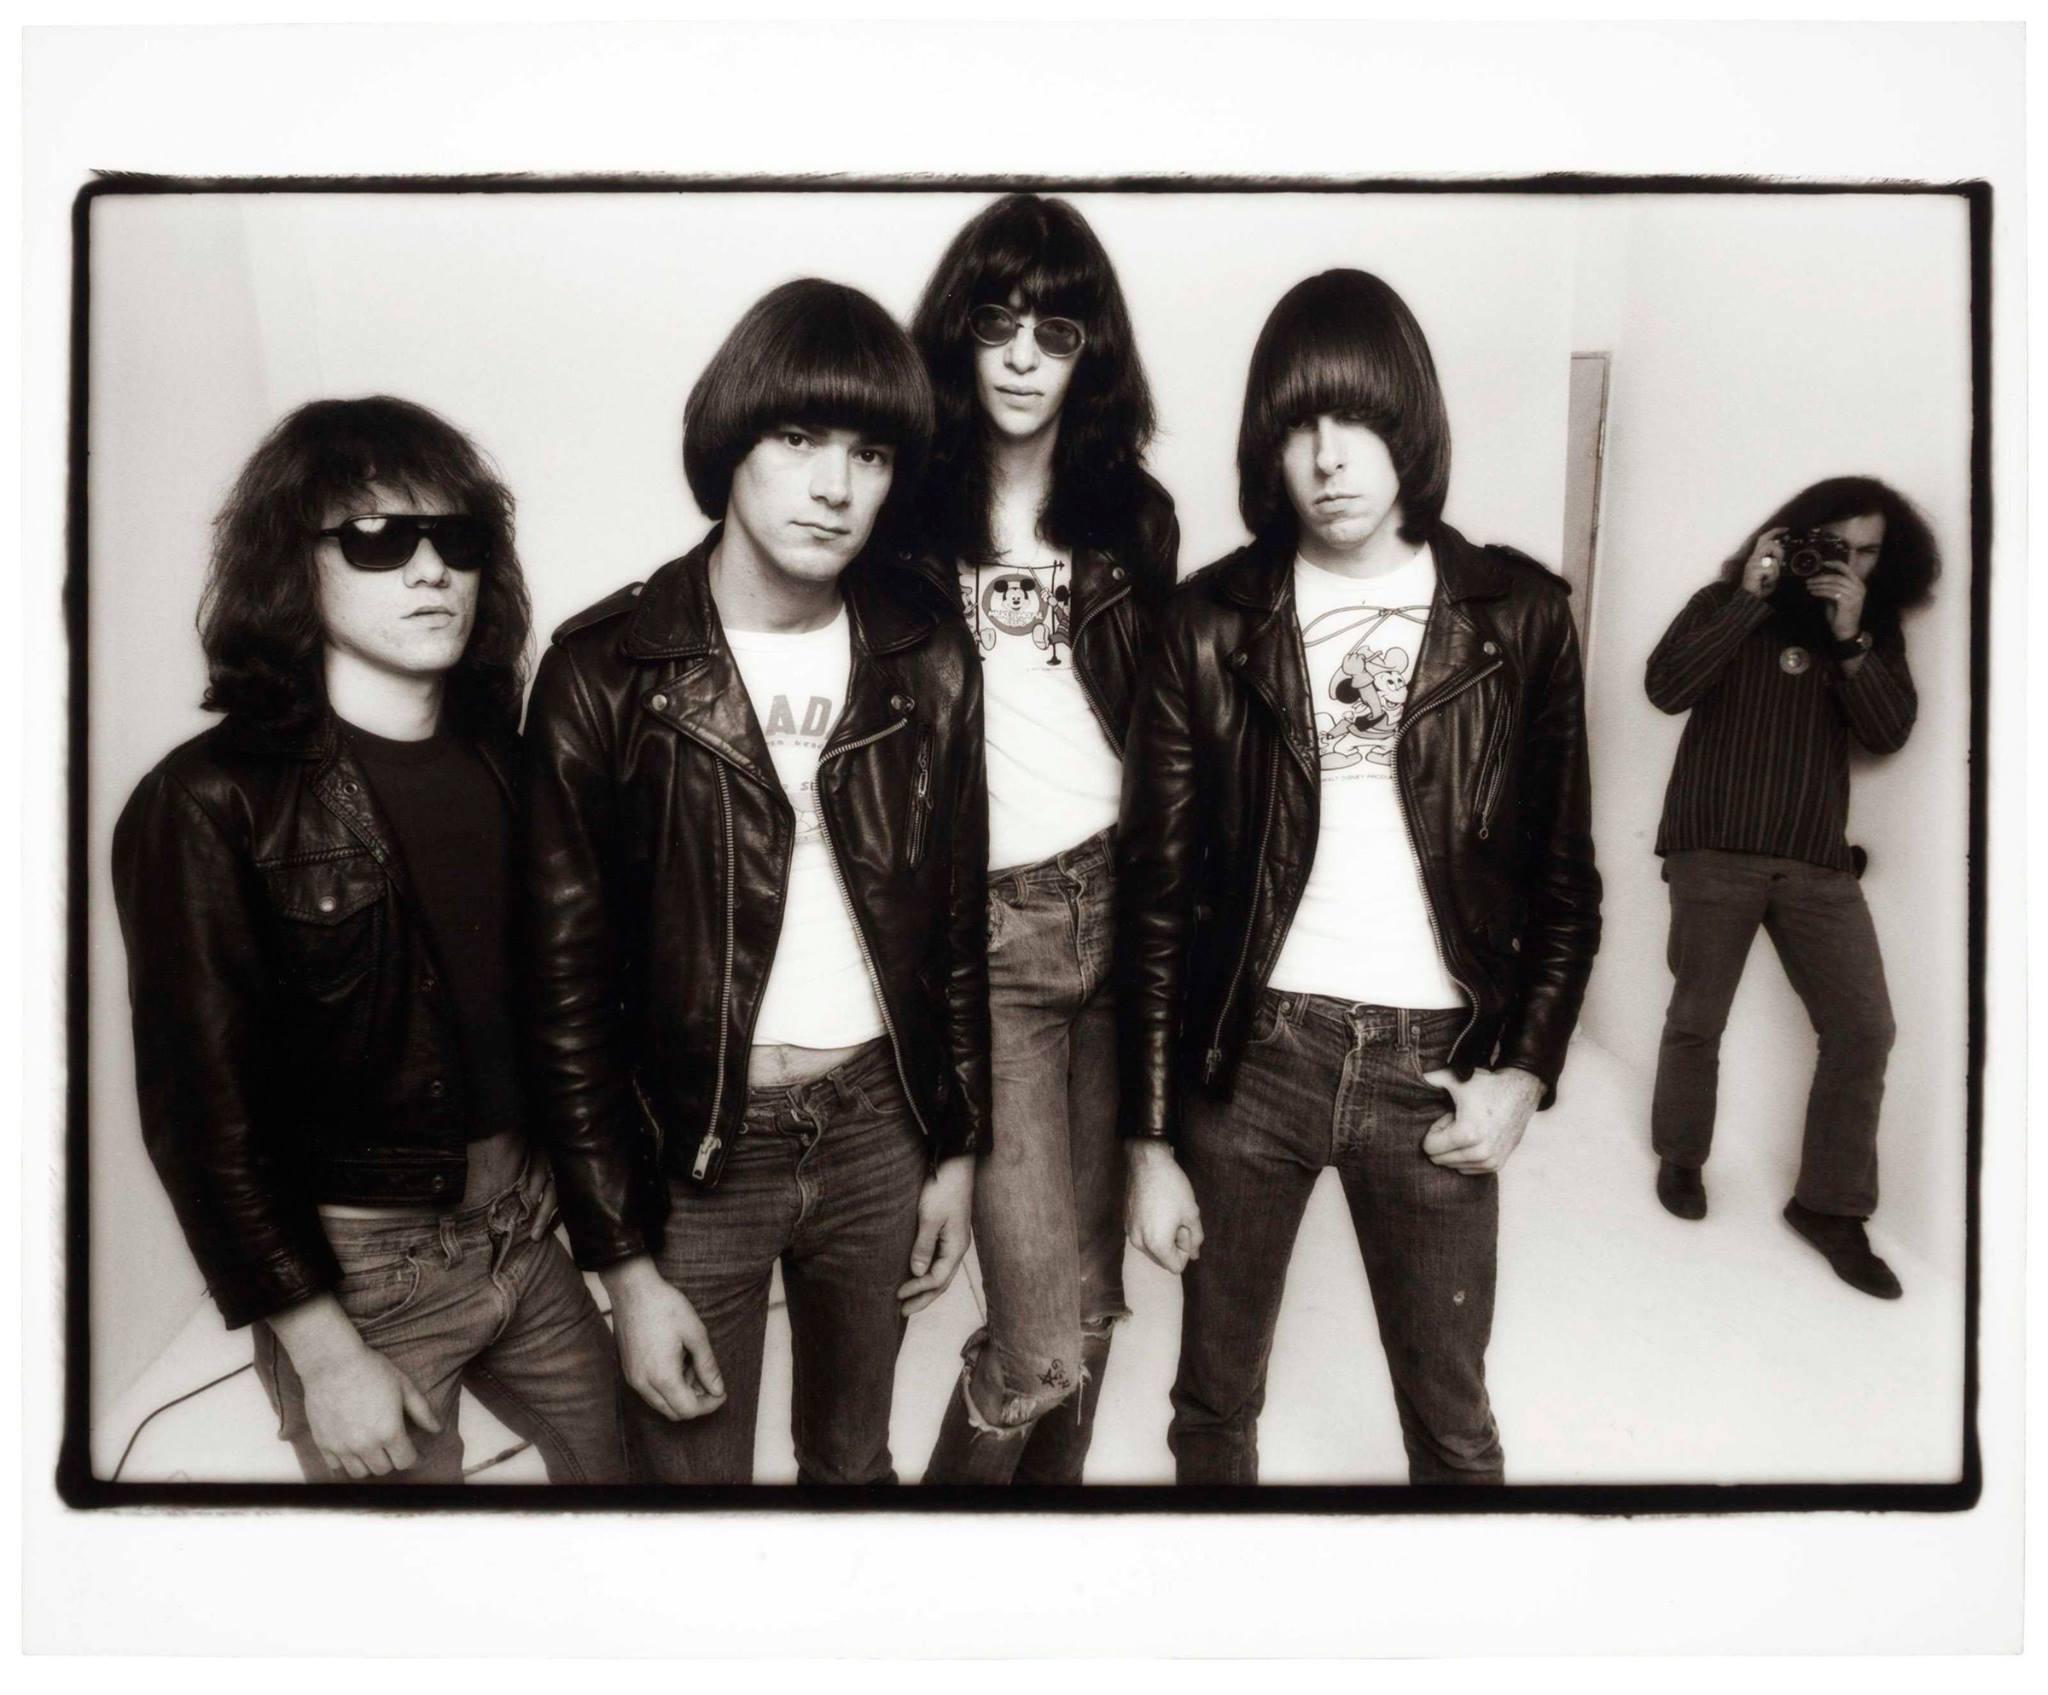 Ramones HD Wallpapers | 7wallpapers.net